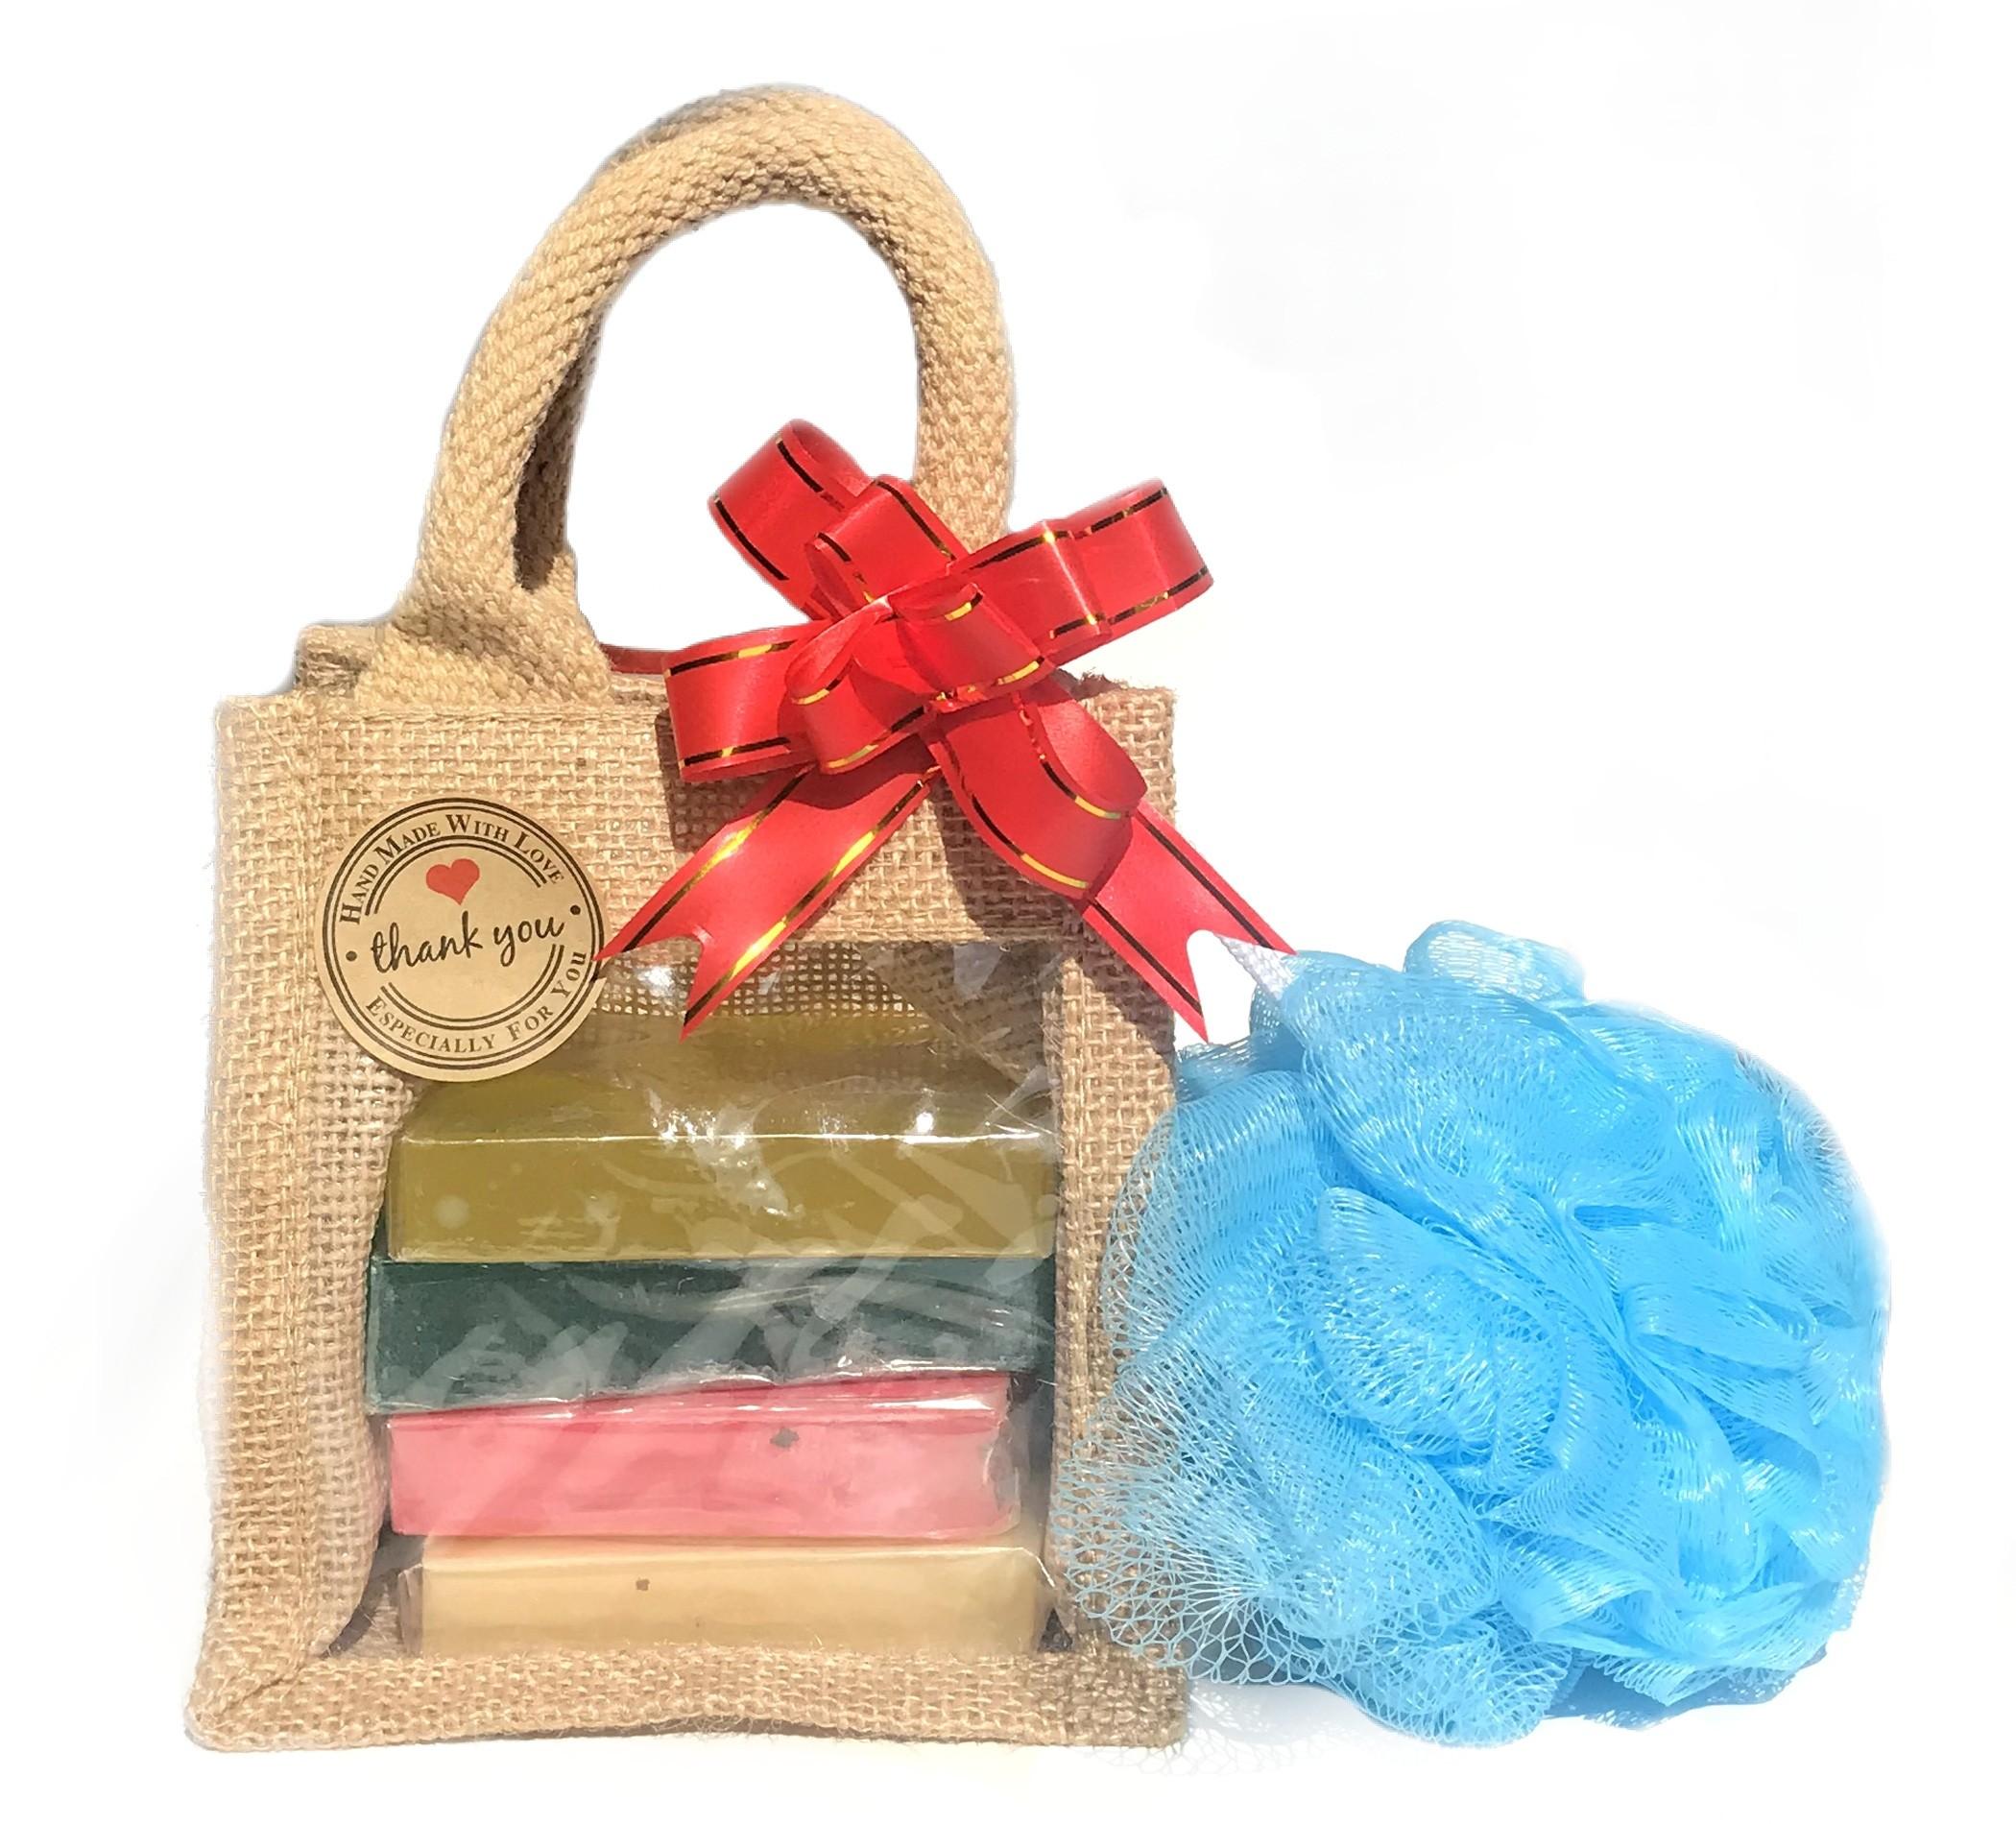 Soaps & Shower Scrunch Gift Set